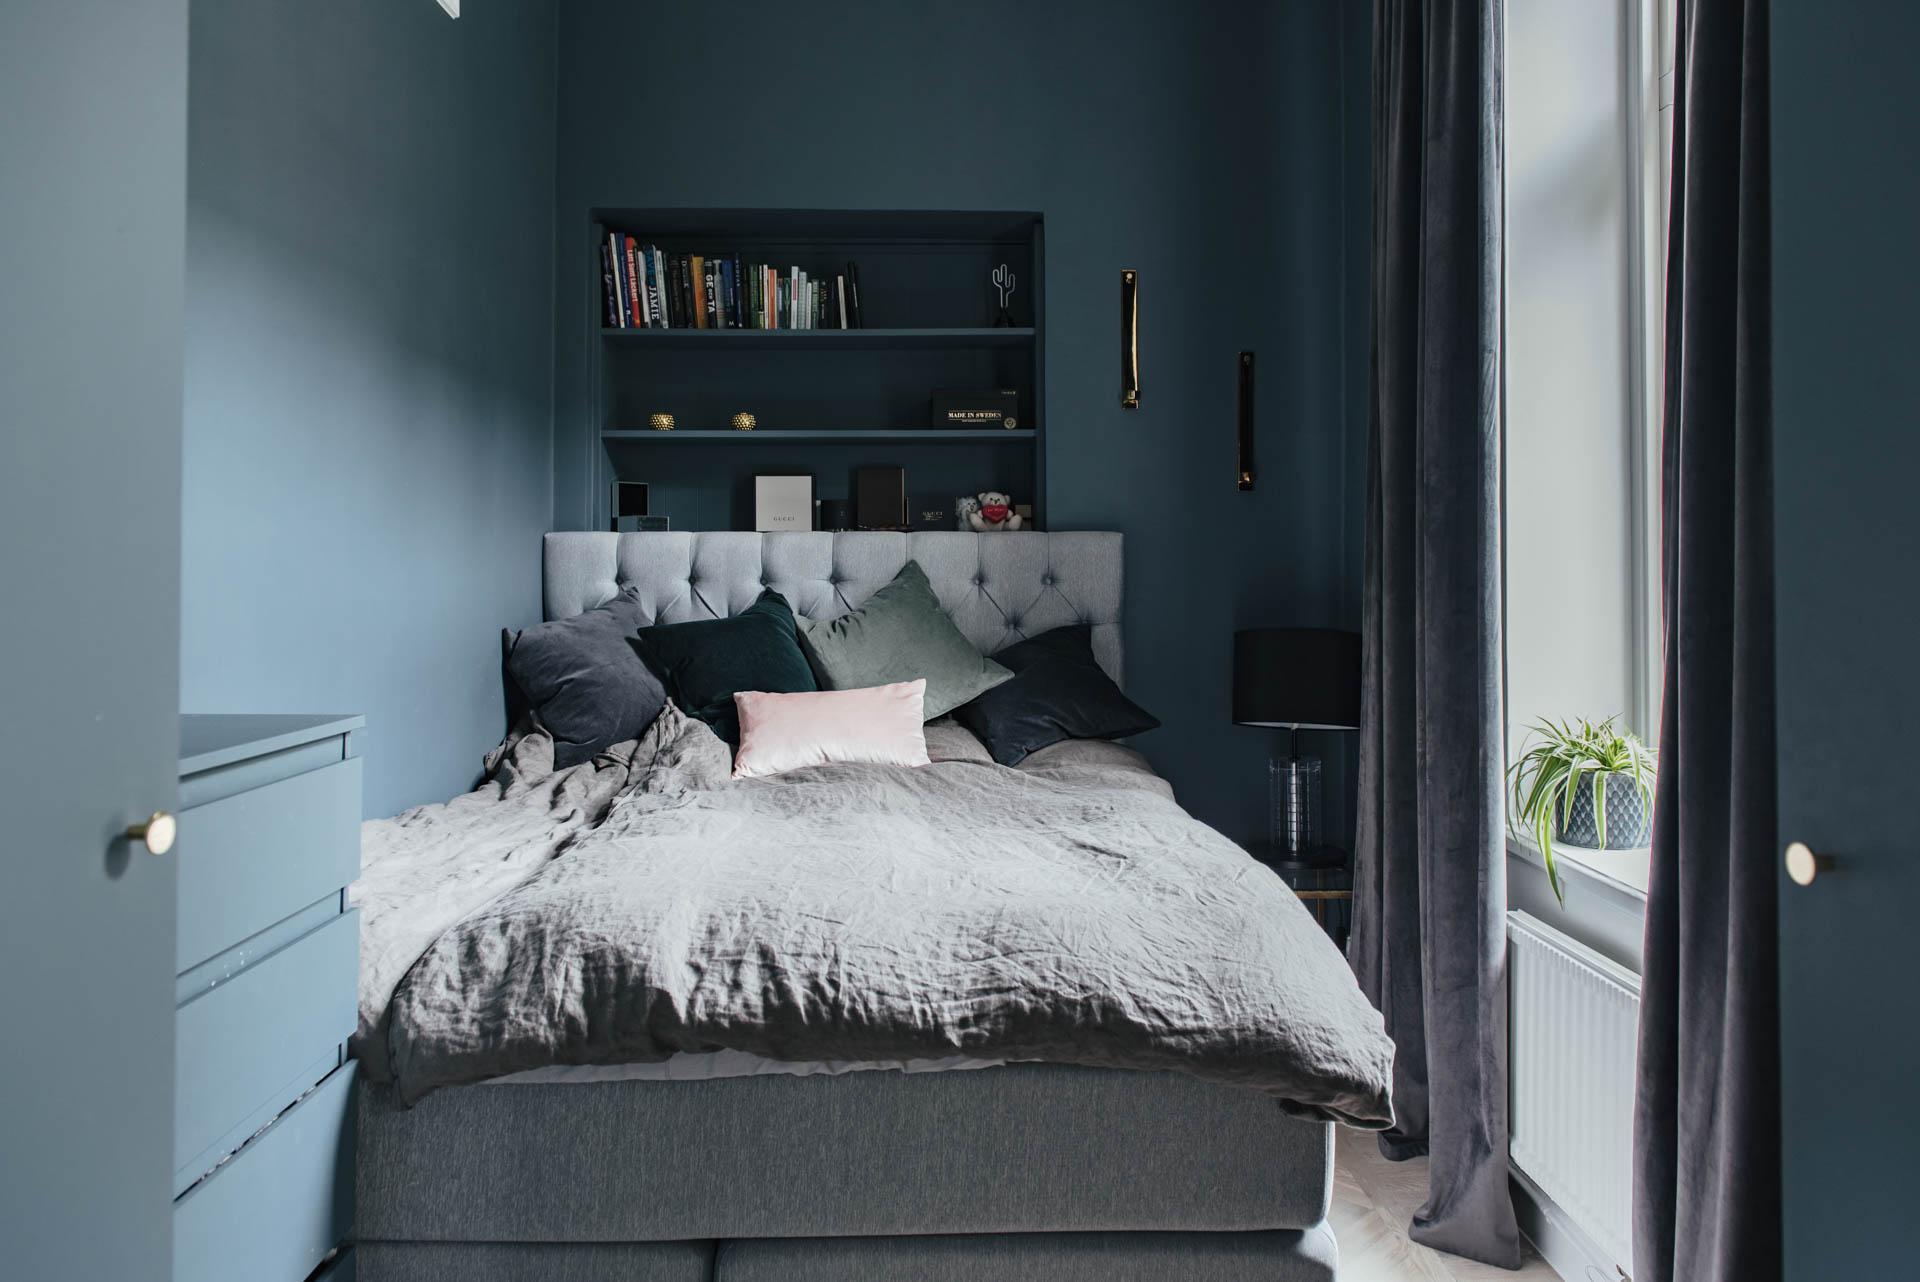 Kleine slaapkamer met mooie blauwe muren